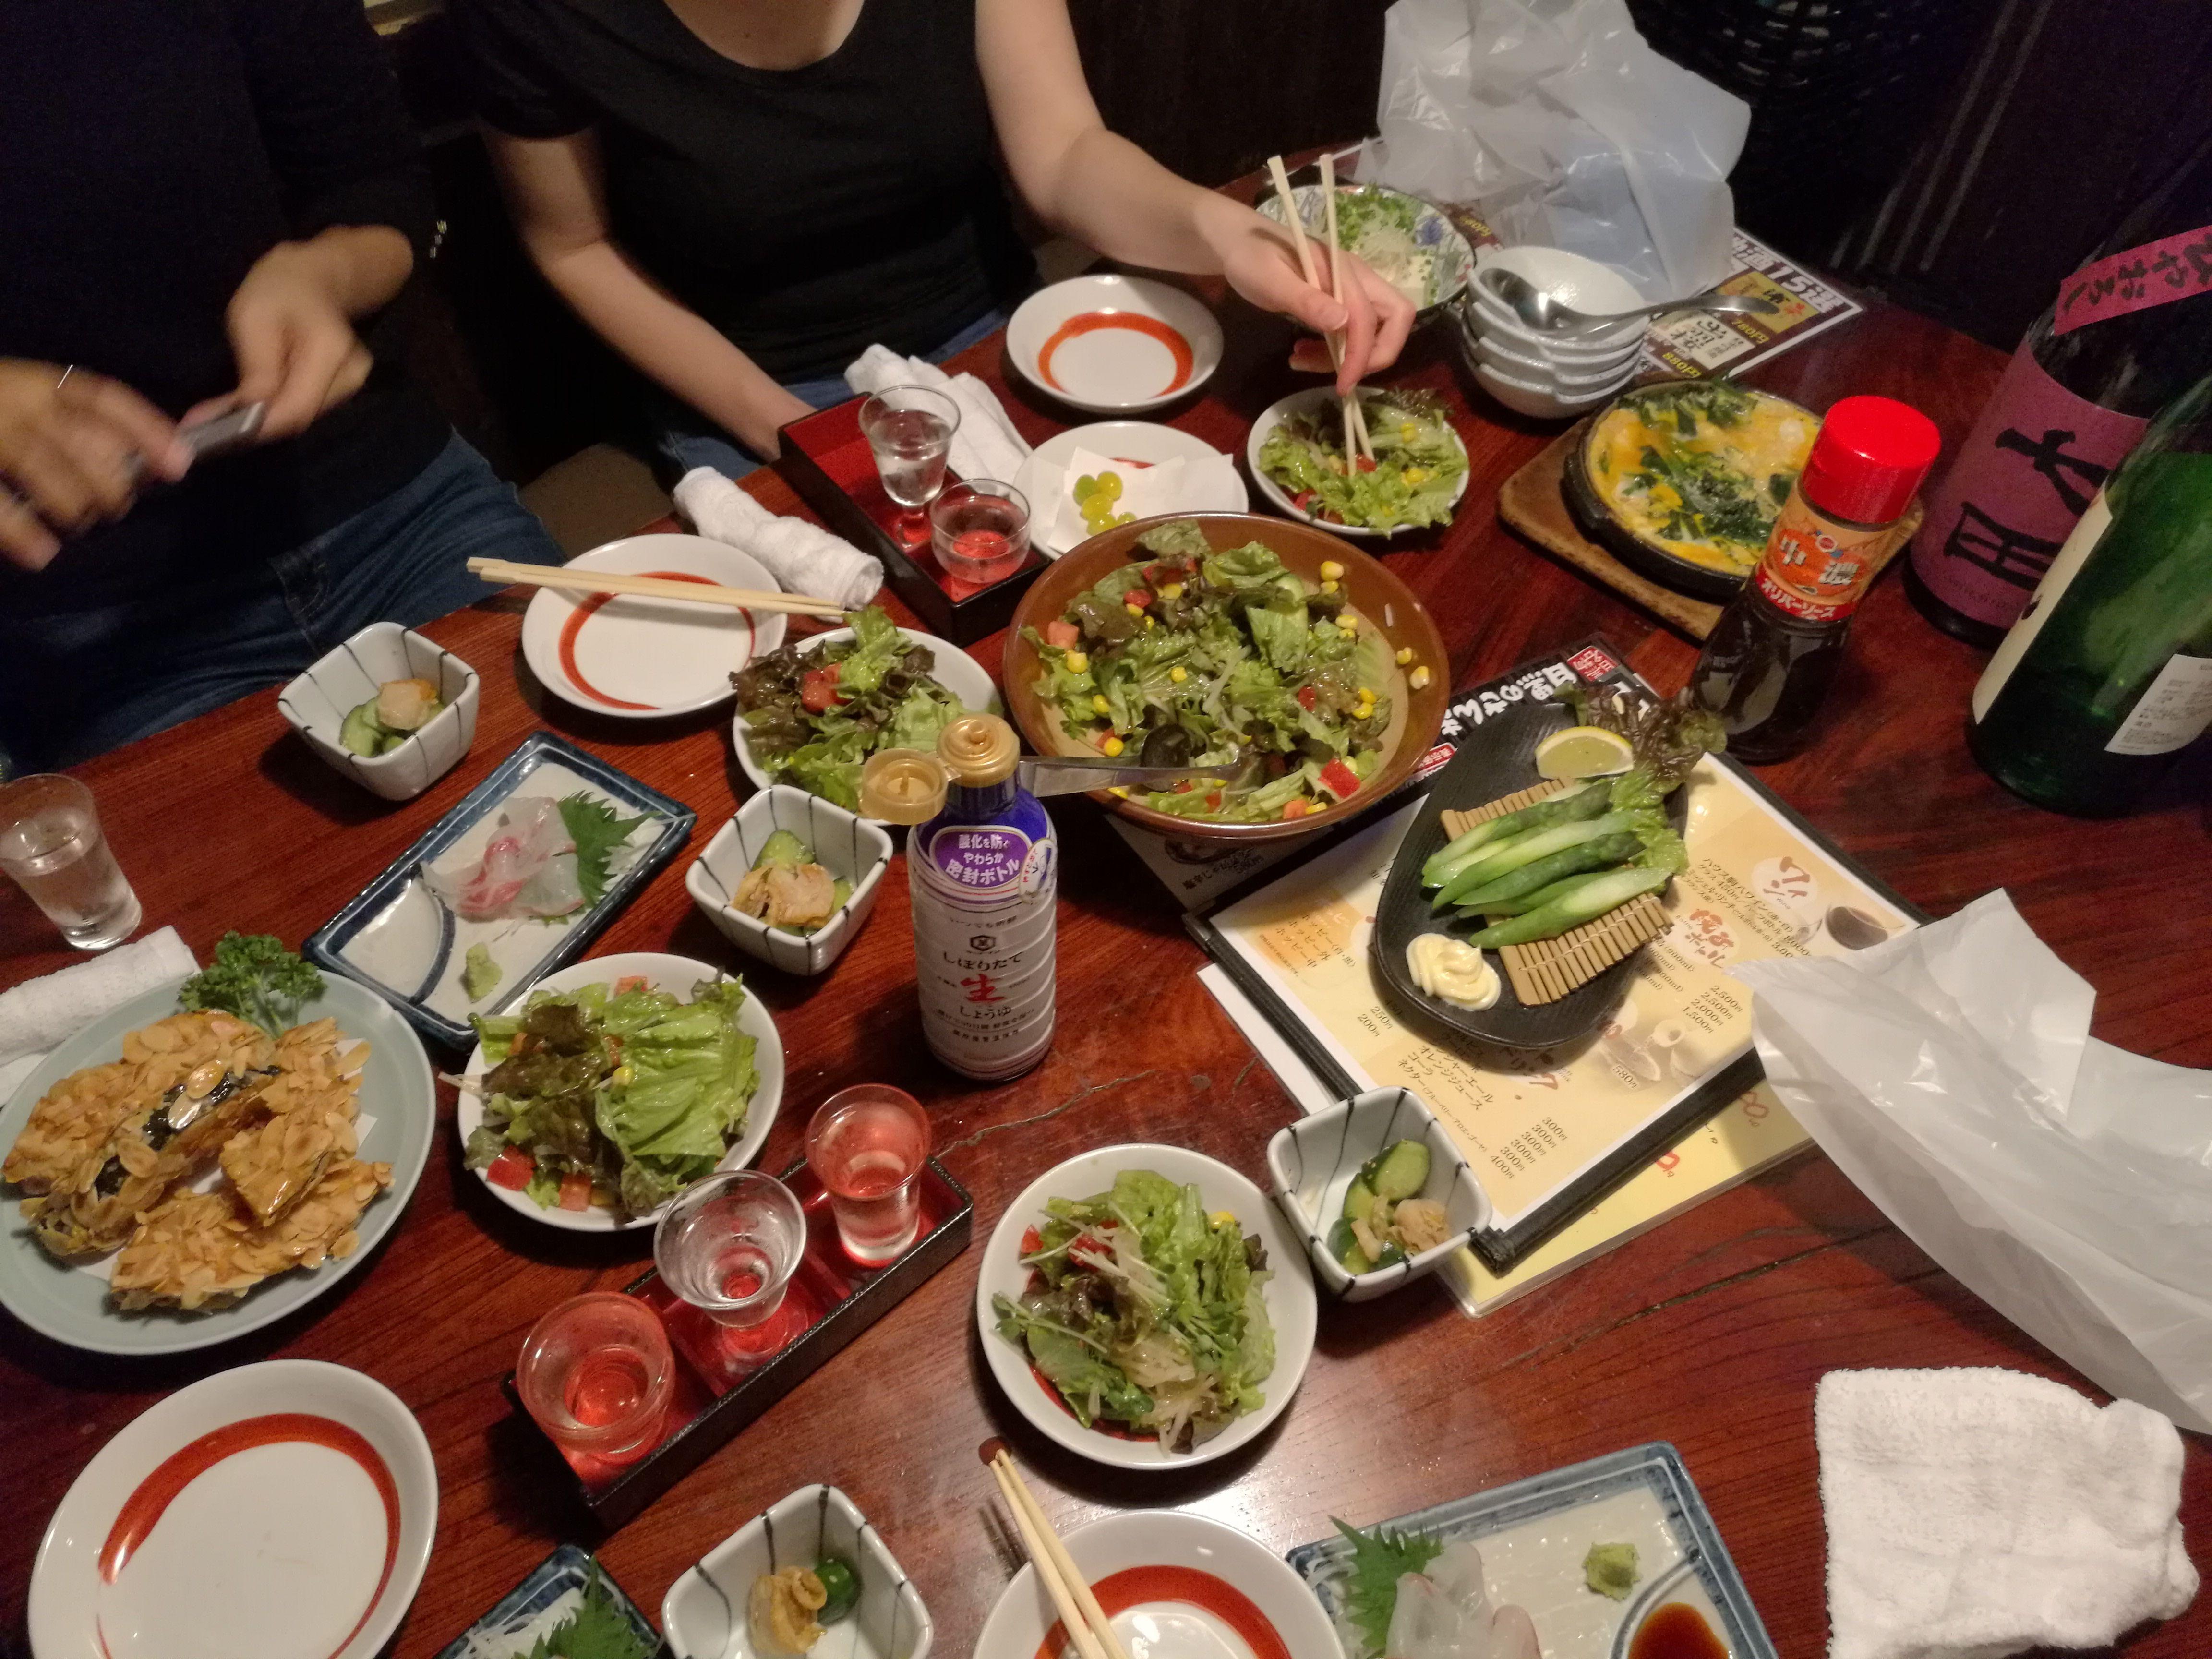 Mesa bien llena de platos riquísimos